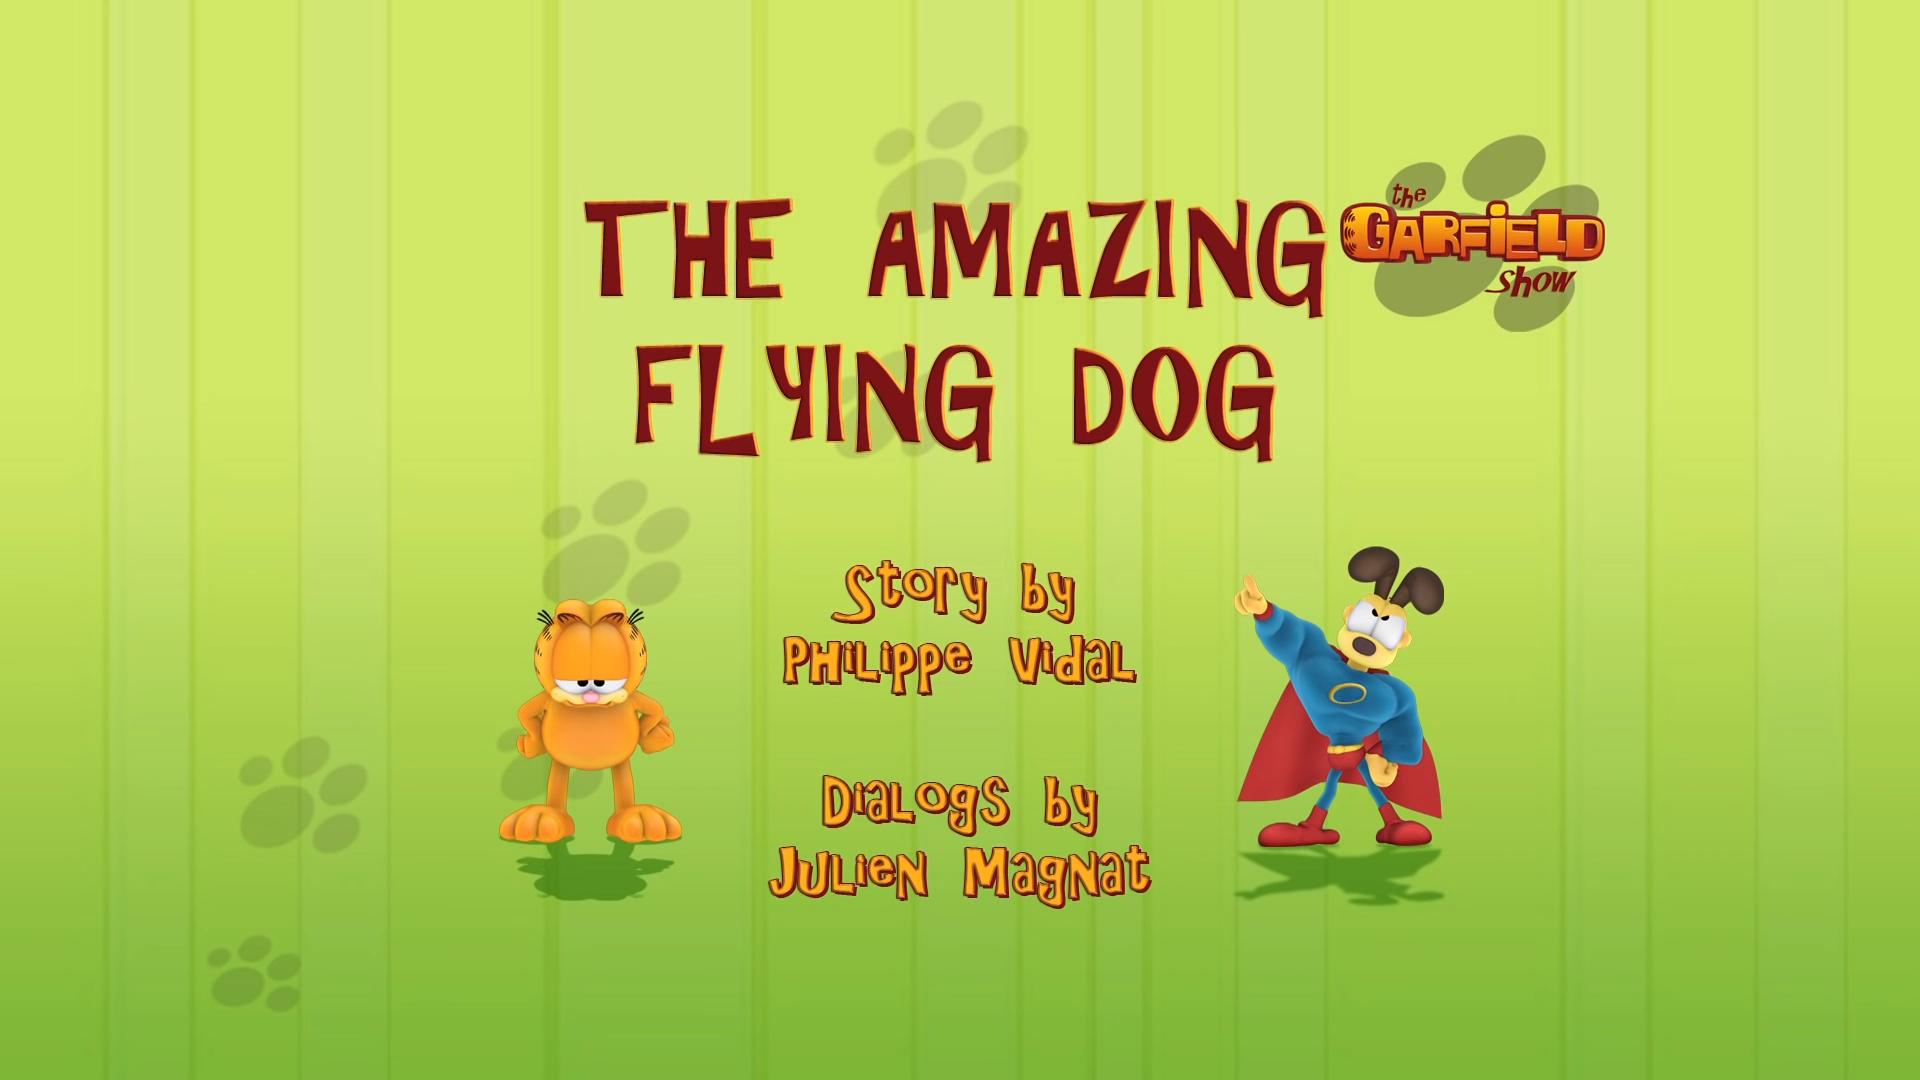 The Amazing Flying Dog